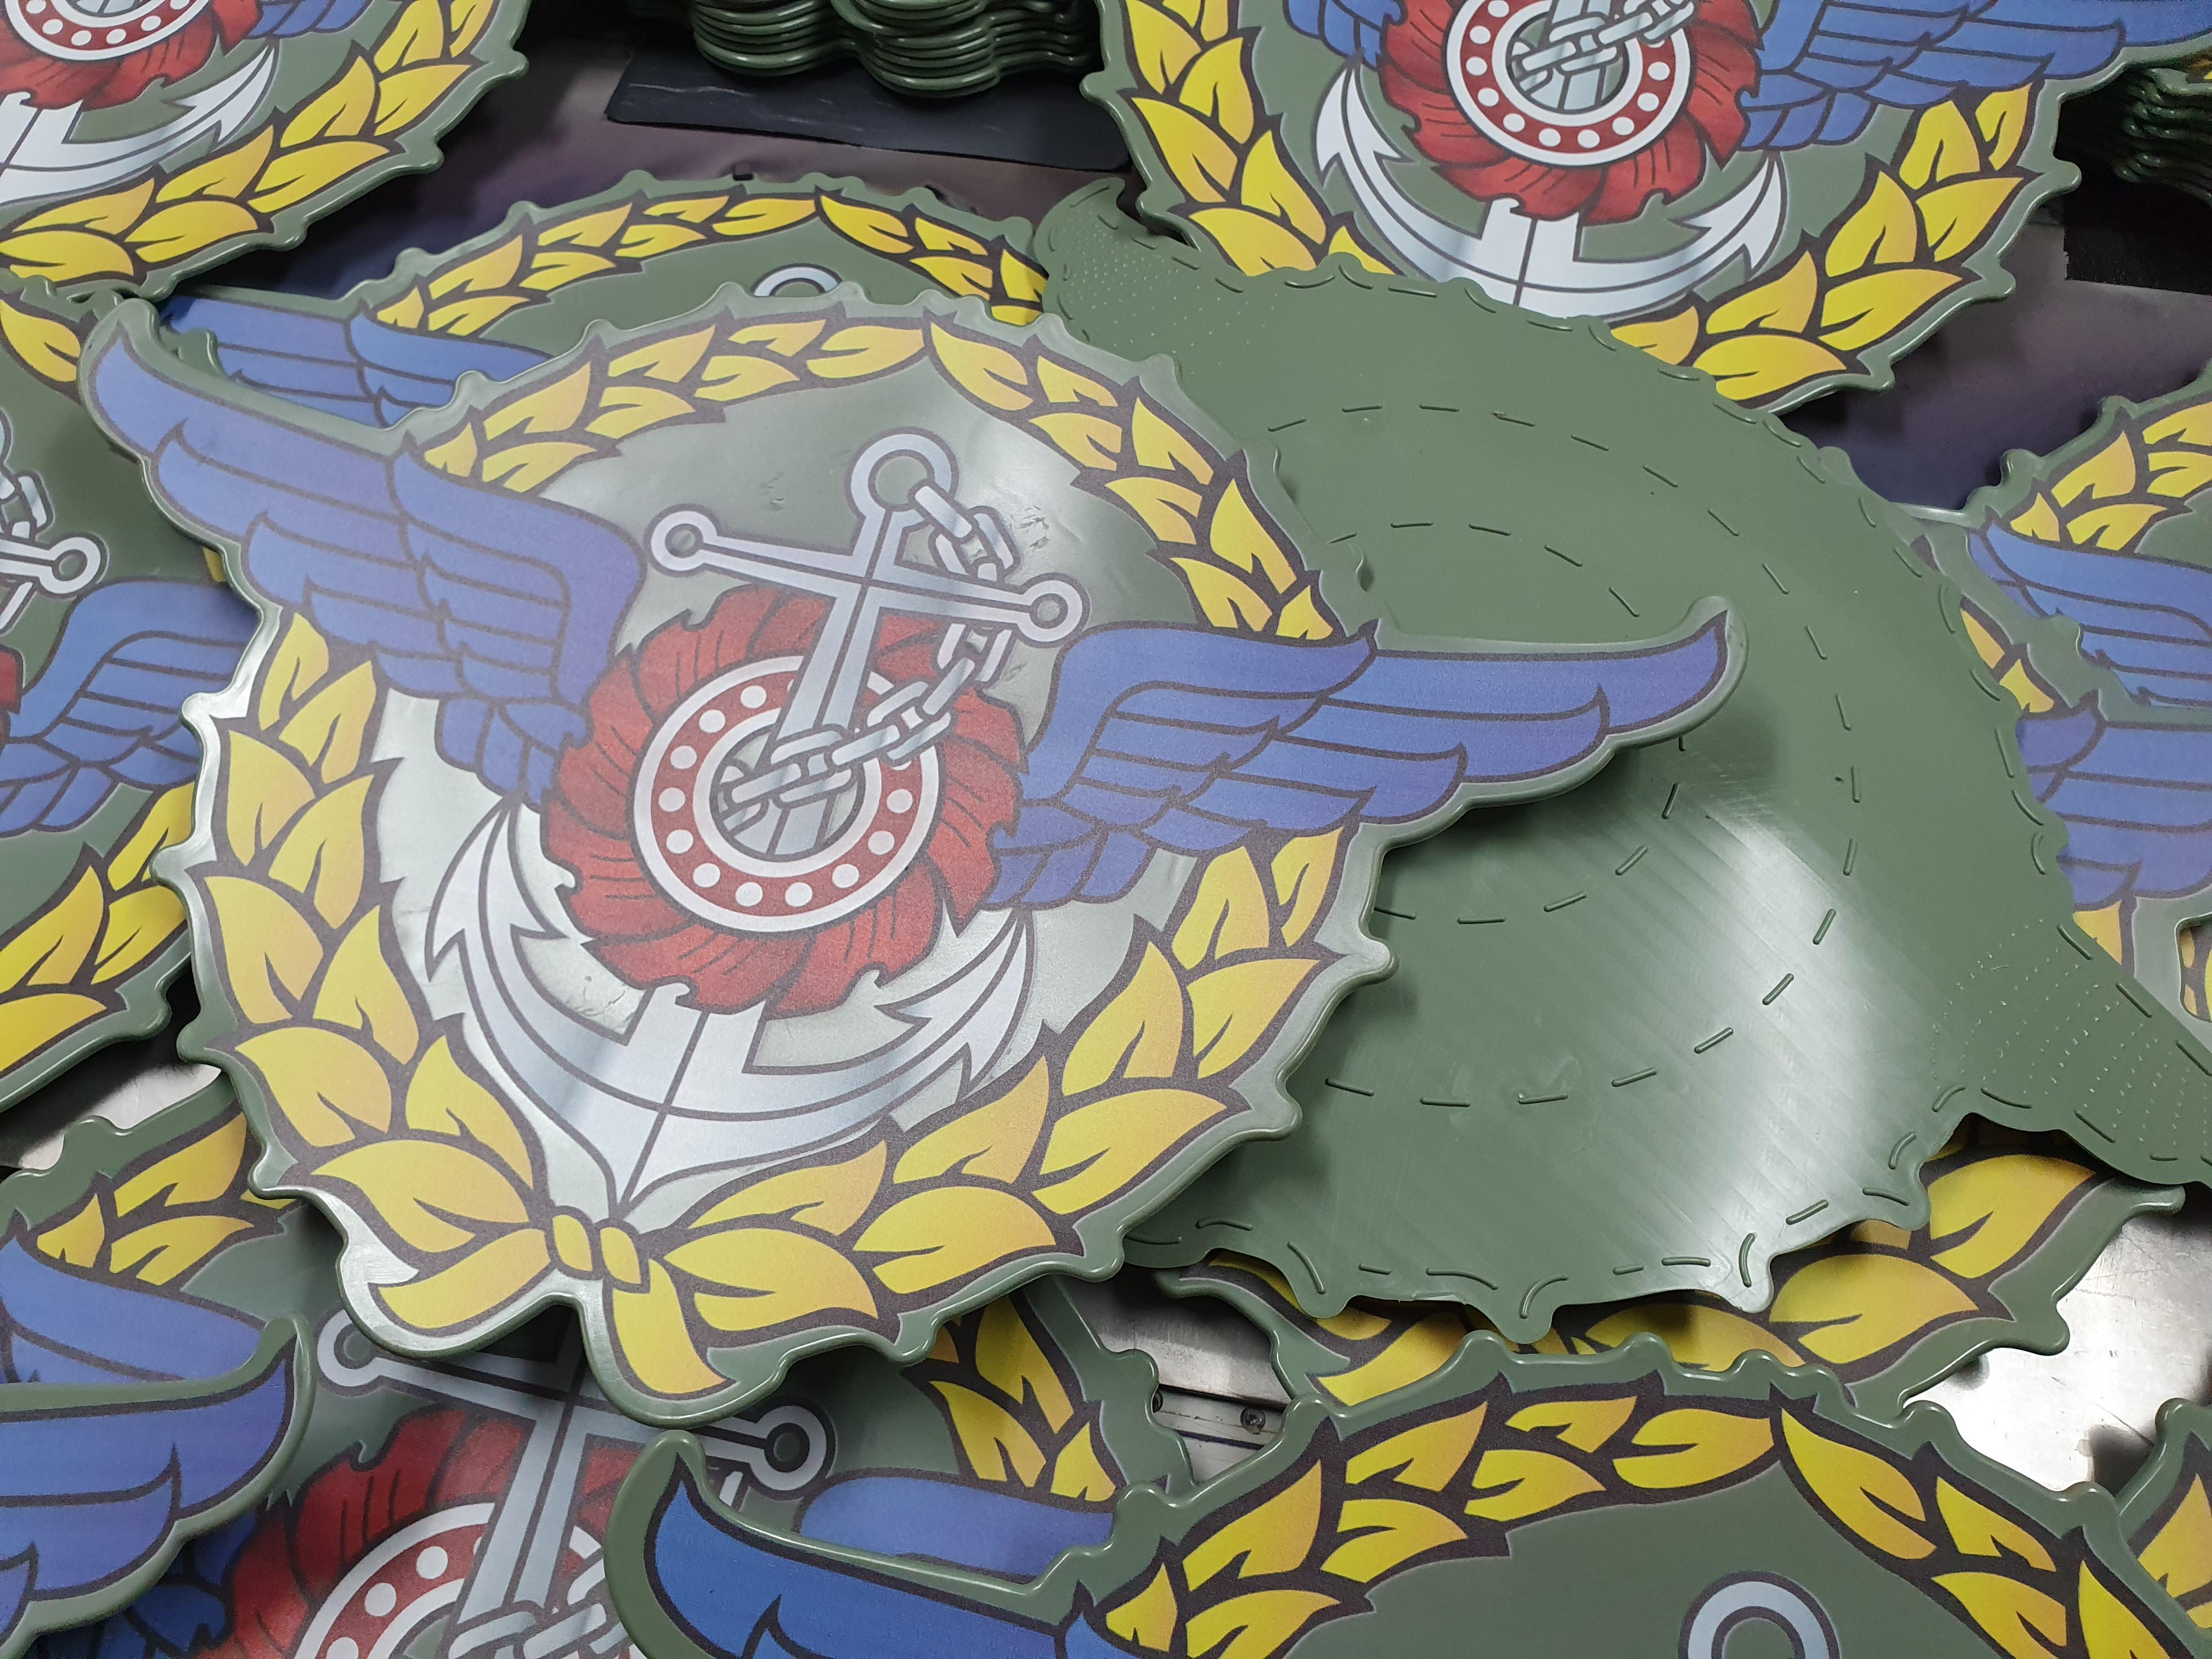 พิมพ์โลโก้กองบัญชาการกองทัพไทย ลงบนยางสีเขียว